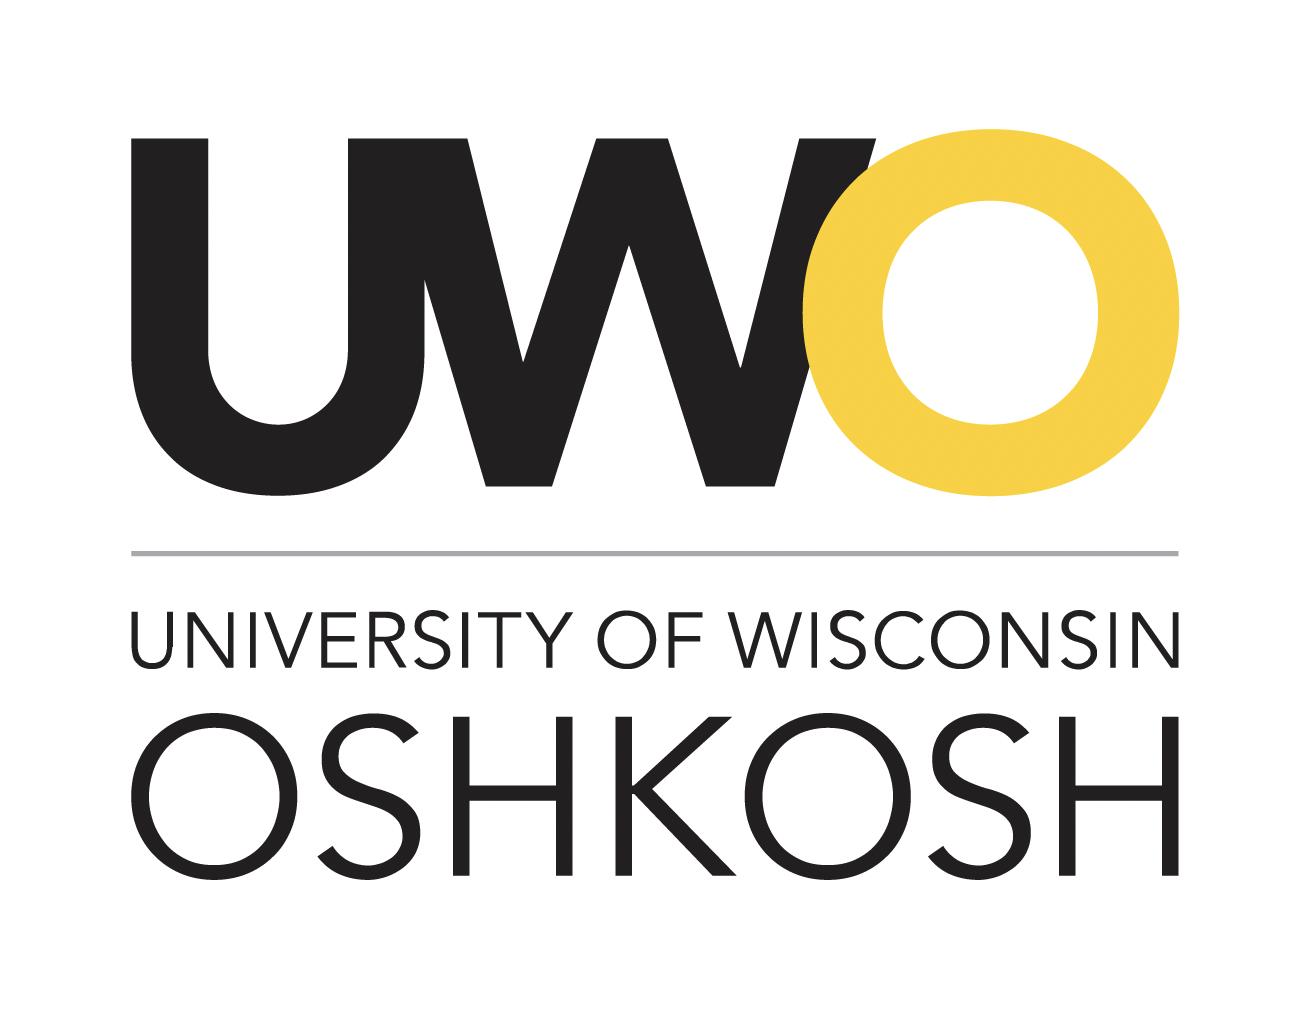 UW Oshkosh Wordmark